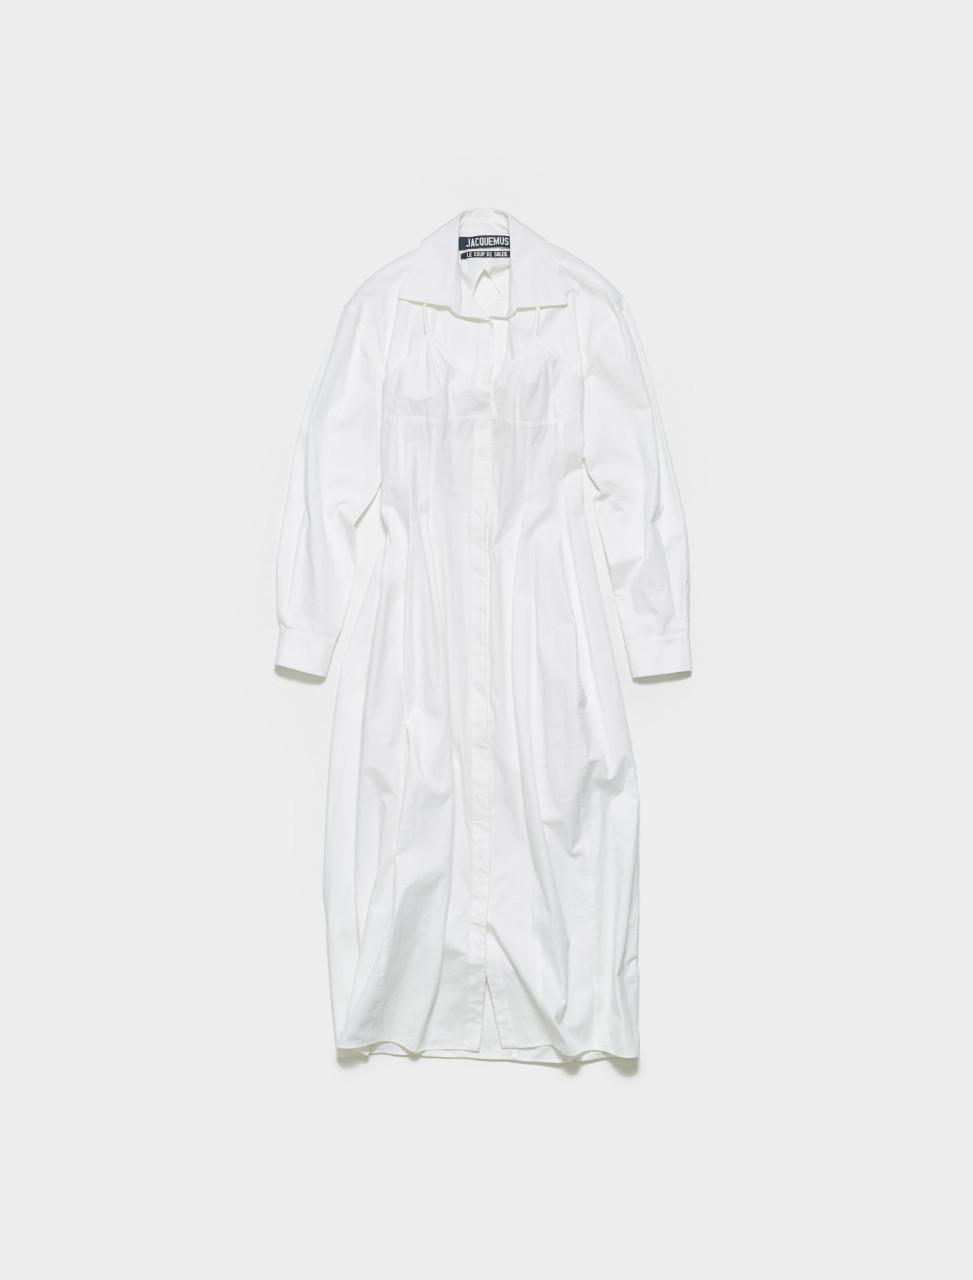 201DR12-201-22100 JACQUEMUS LA ROBE VALENSOLE IN WHITE